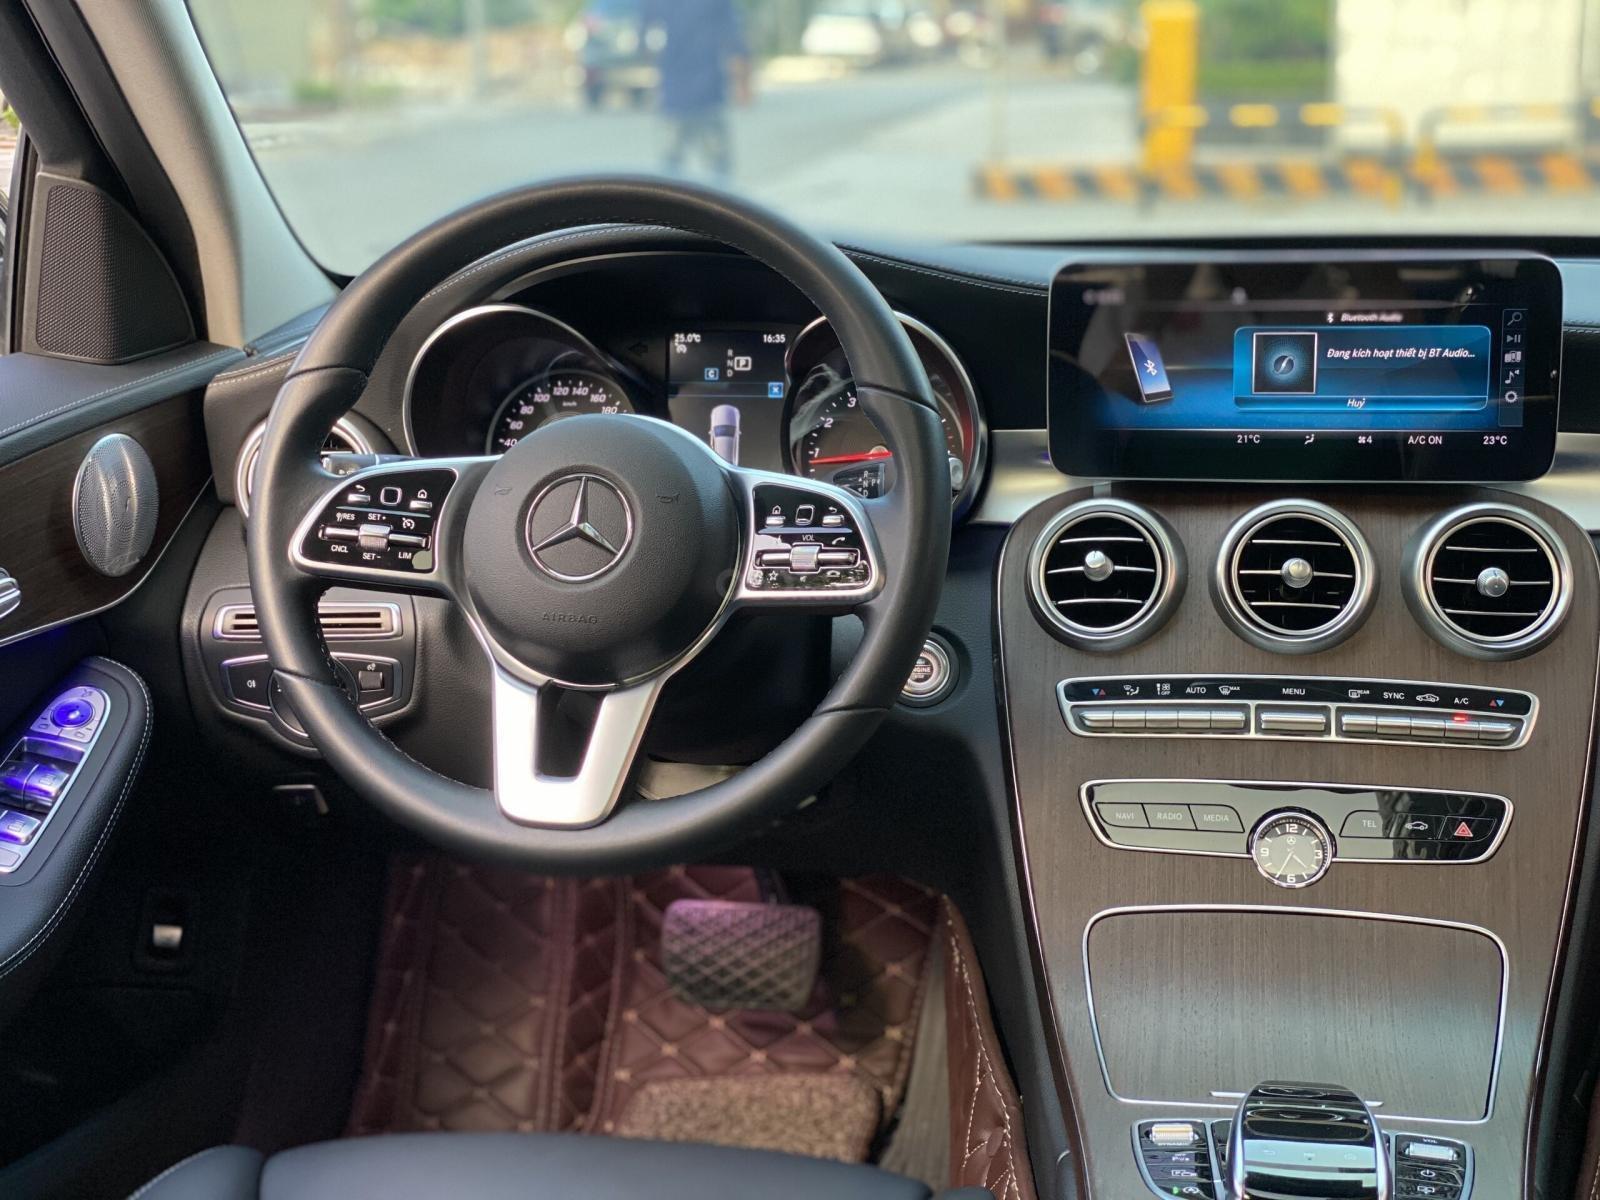 Mercedes C200 Exclusive 2019 1.5L màu đen sang trọng, biển Hà Nội, full option cực kỳ mới (11)